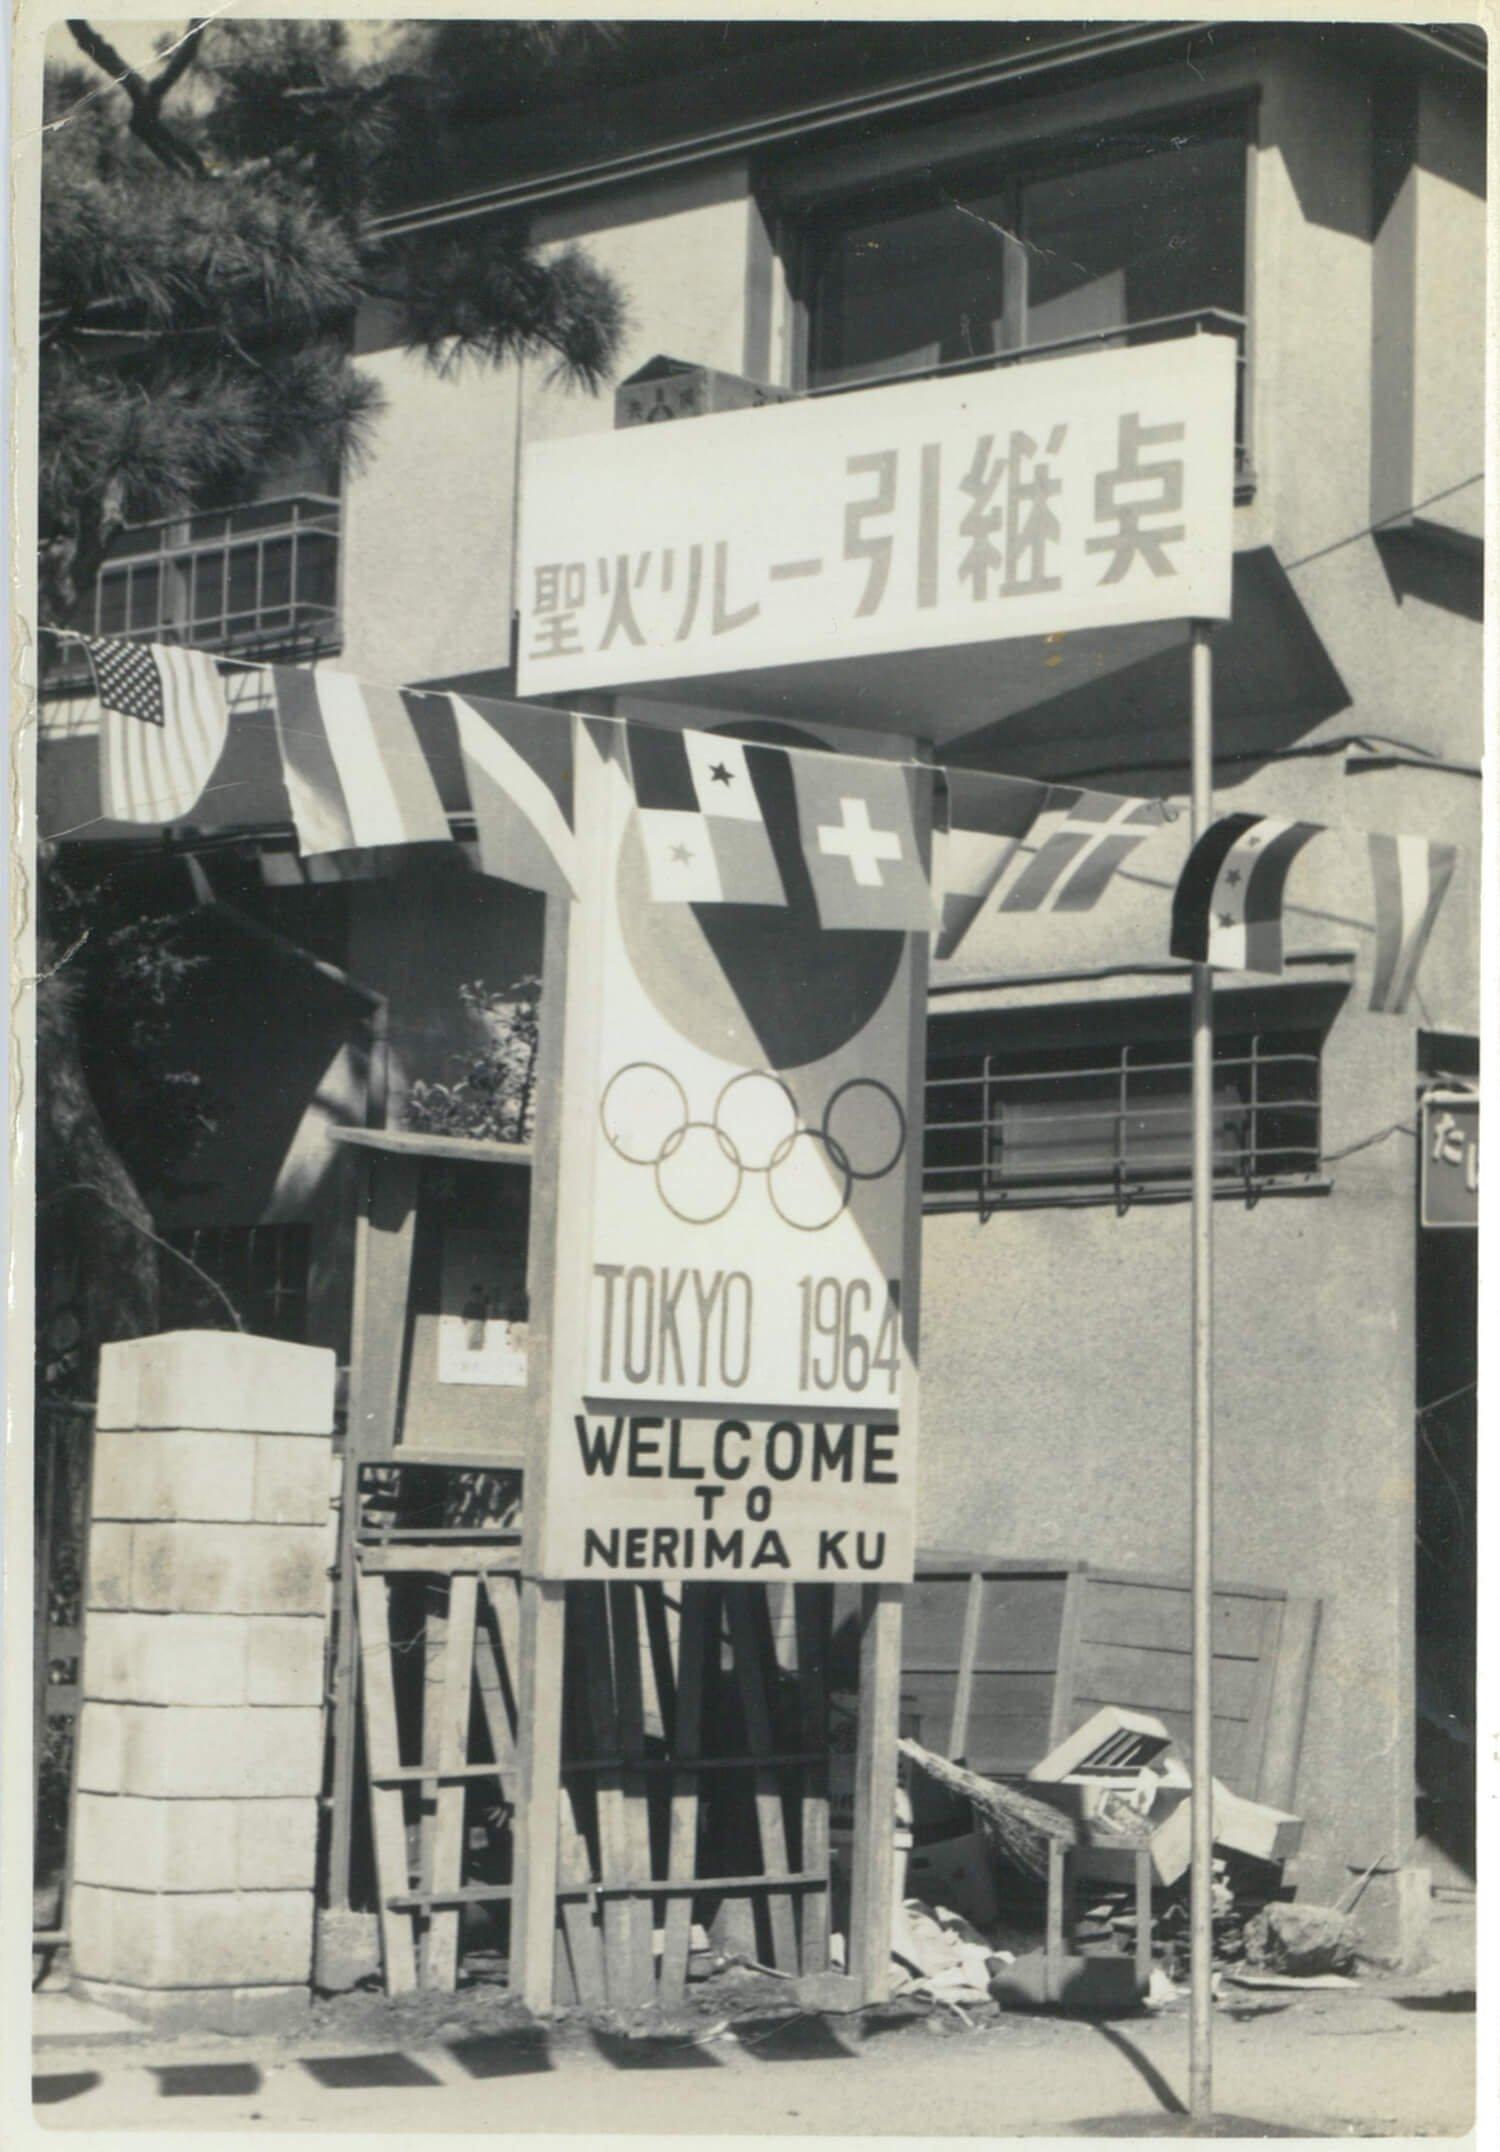 武蔵野市では吉祥寺通りの立野、杉並区は青梅街道の関町で聖火引き継ぎ。(写真提供=練馬区立石神井公園ふるさと文化館)